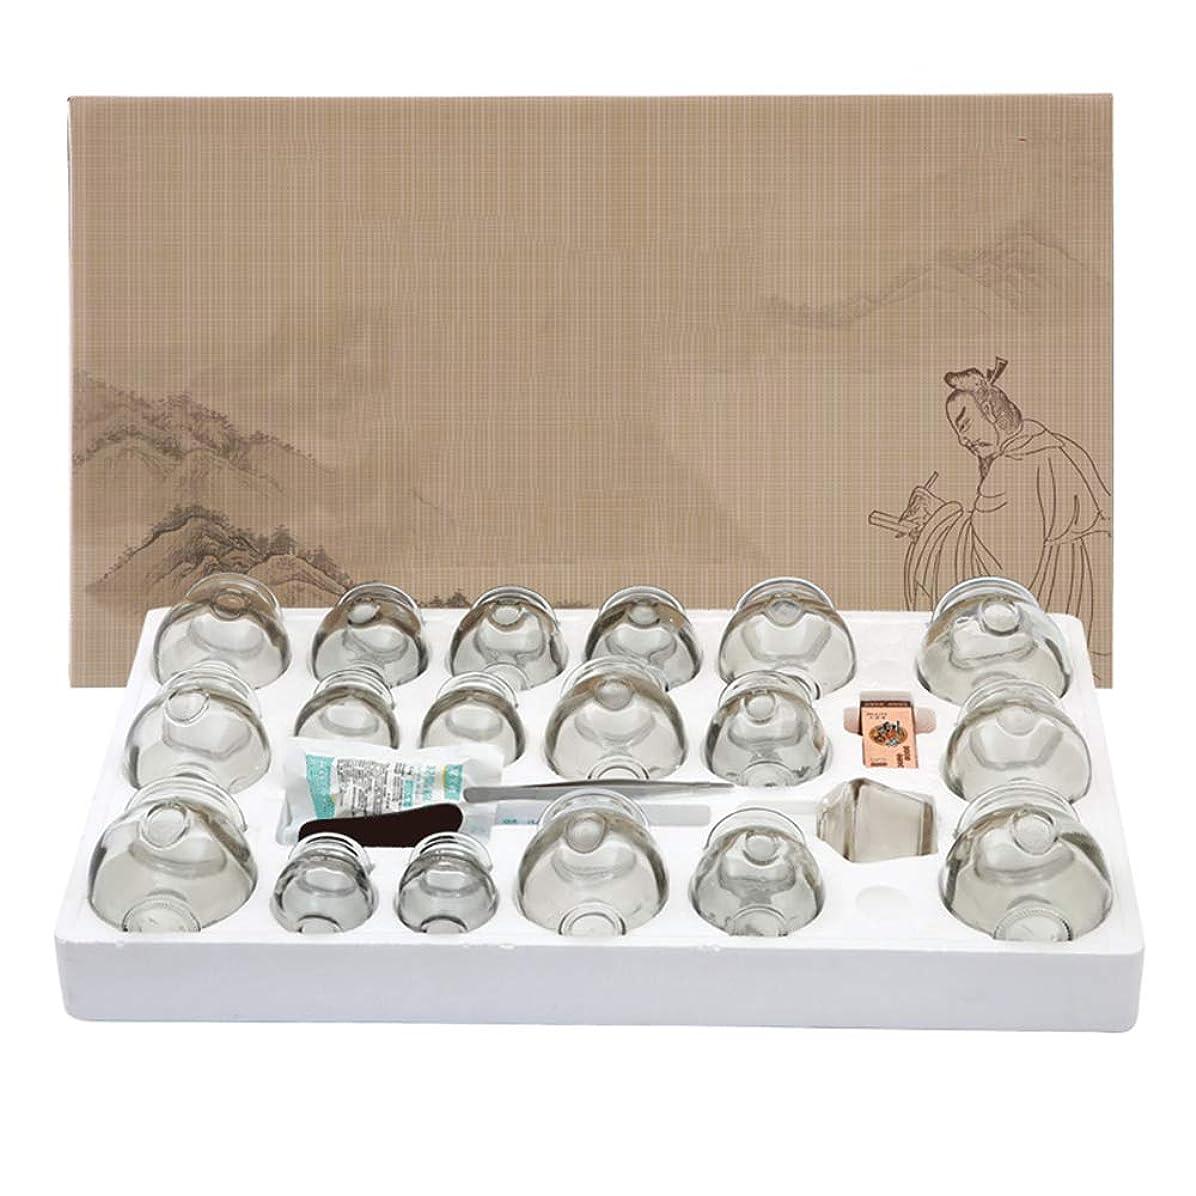 キャプテンブライメンター端末カッピングガラス瓶ホームセット美容院特別防爆カッピングセット